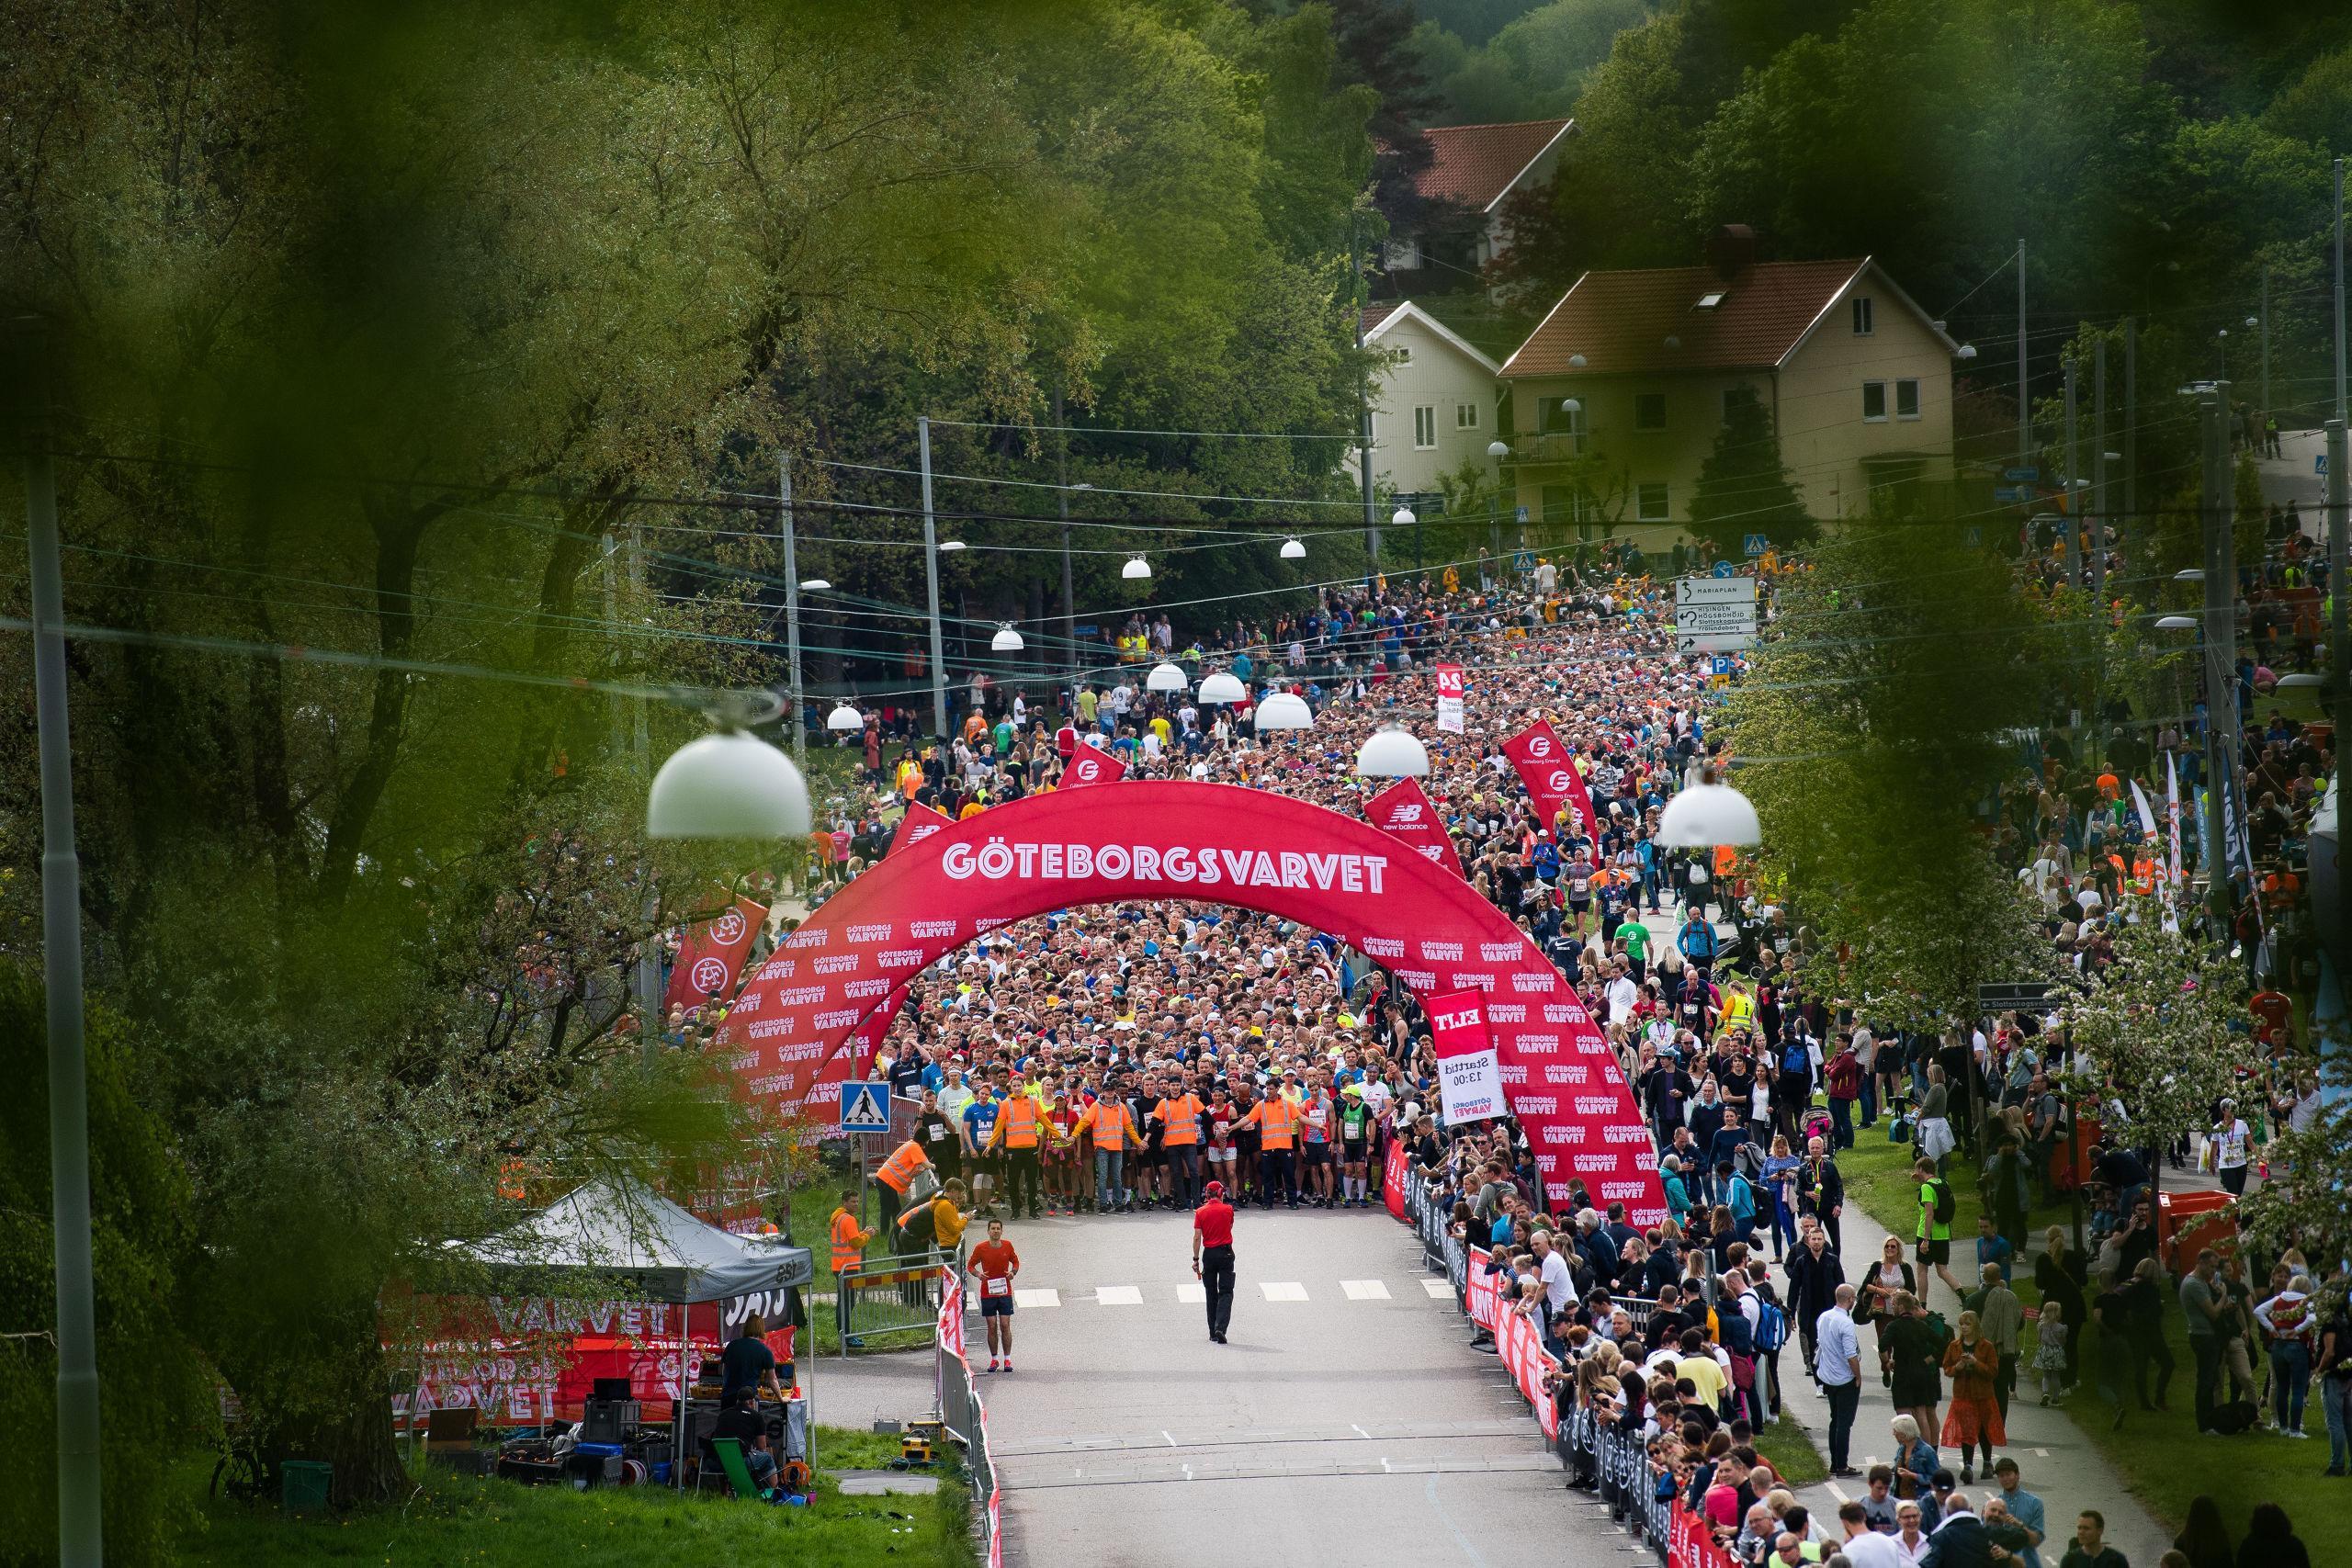 Göteborgsvarvets besked: Avvaktar beslut